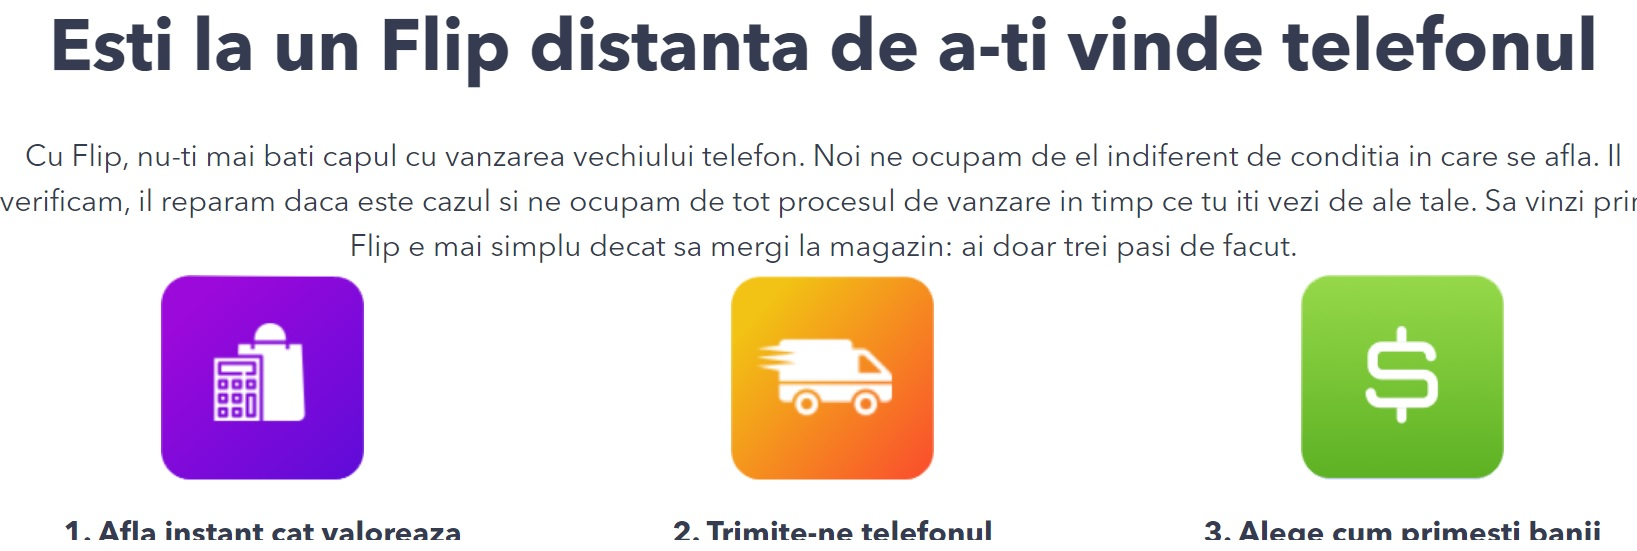 flip.ro, website nou ce-ti cumpara telefonul rapid, apoi il revinde